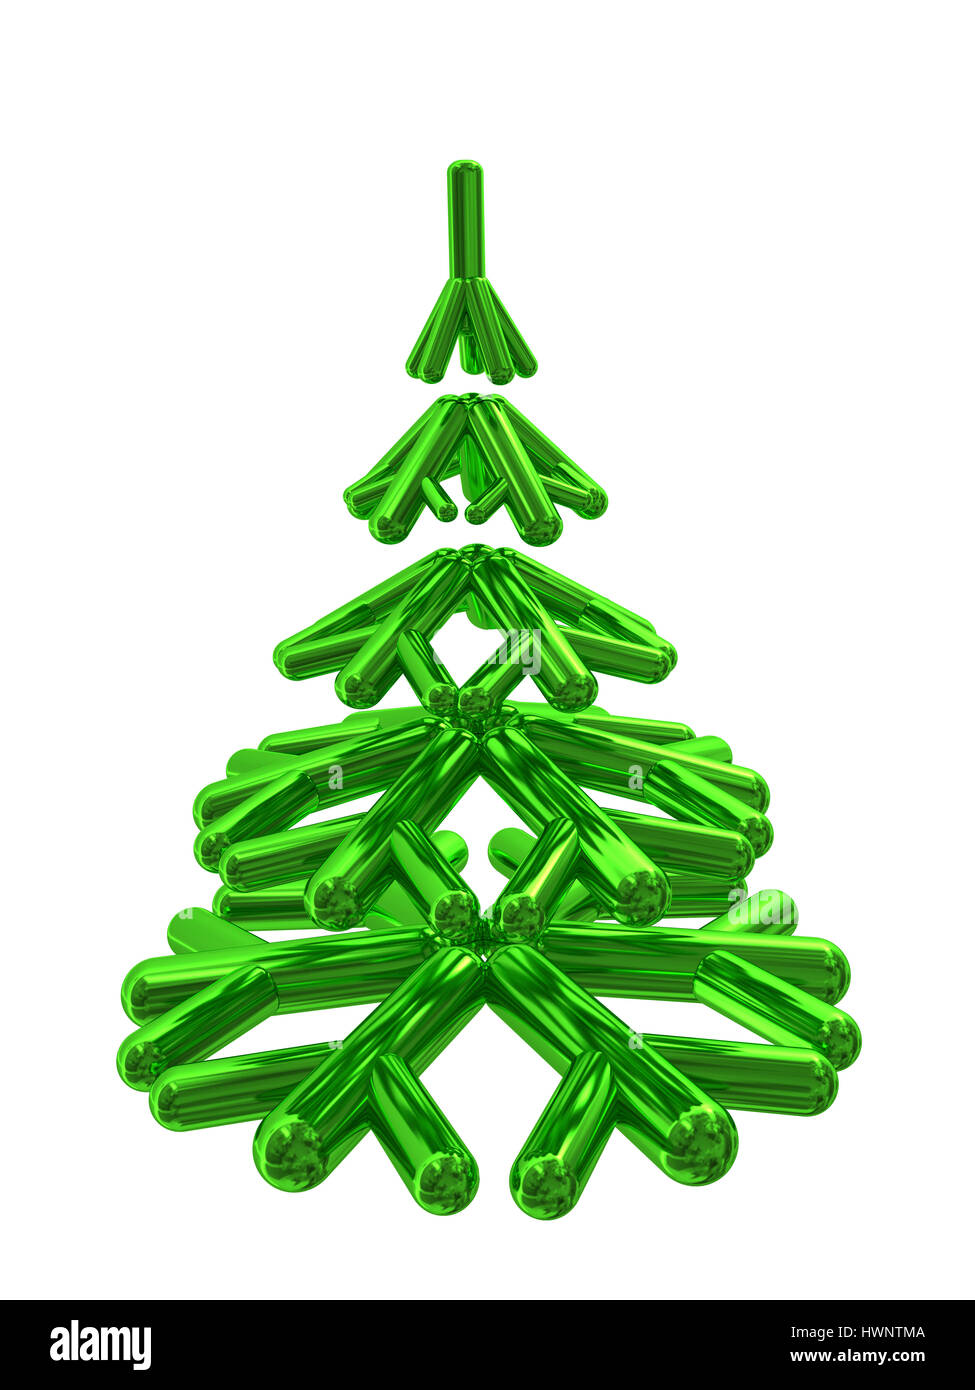 e765df2a3af Ilustración 3d abstracto de árbol de navidad estilizada aislado sobre blanco  Imagen De Stock